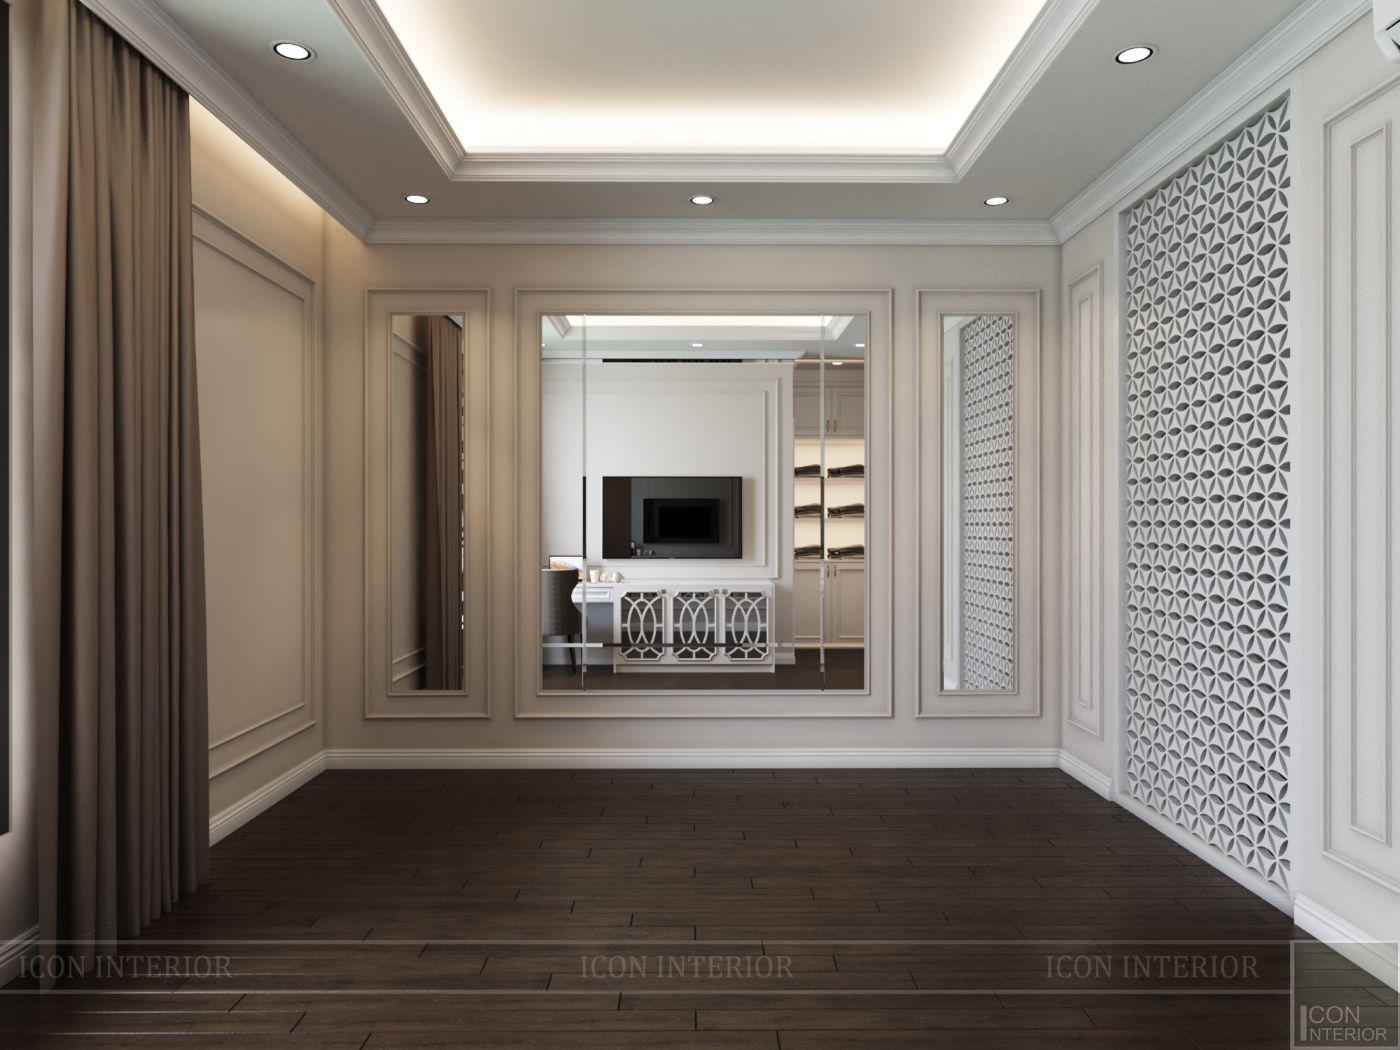 thiết kế biệt thự lavila nam sài gòn - phòng ngủ 1